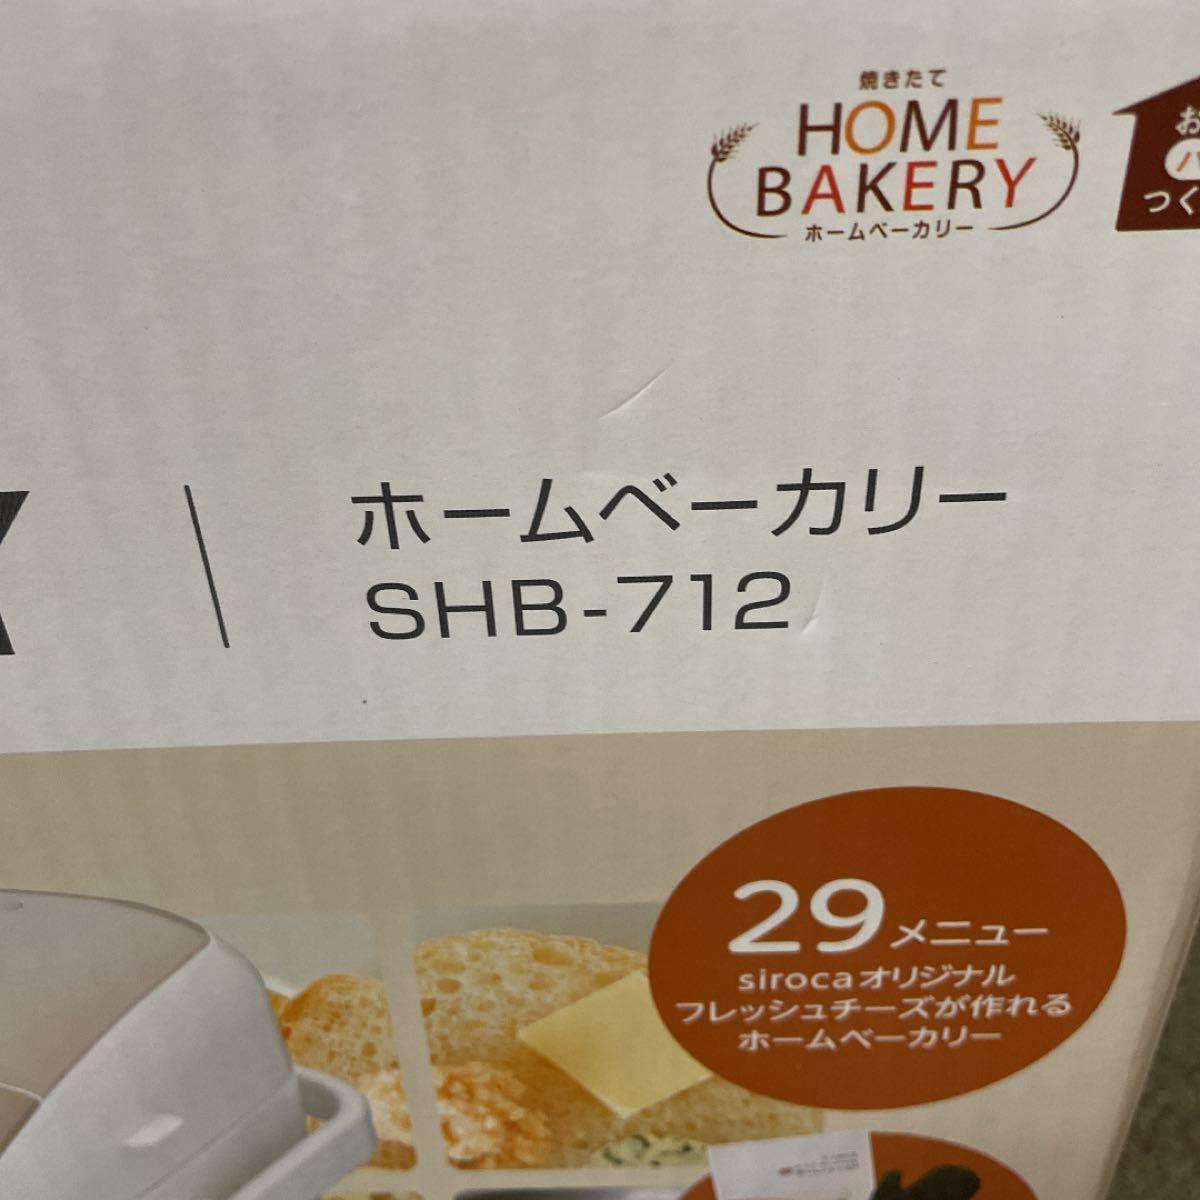 シロカホームベーカリー SHB-712